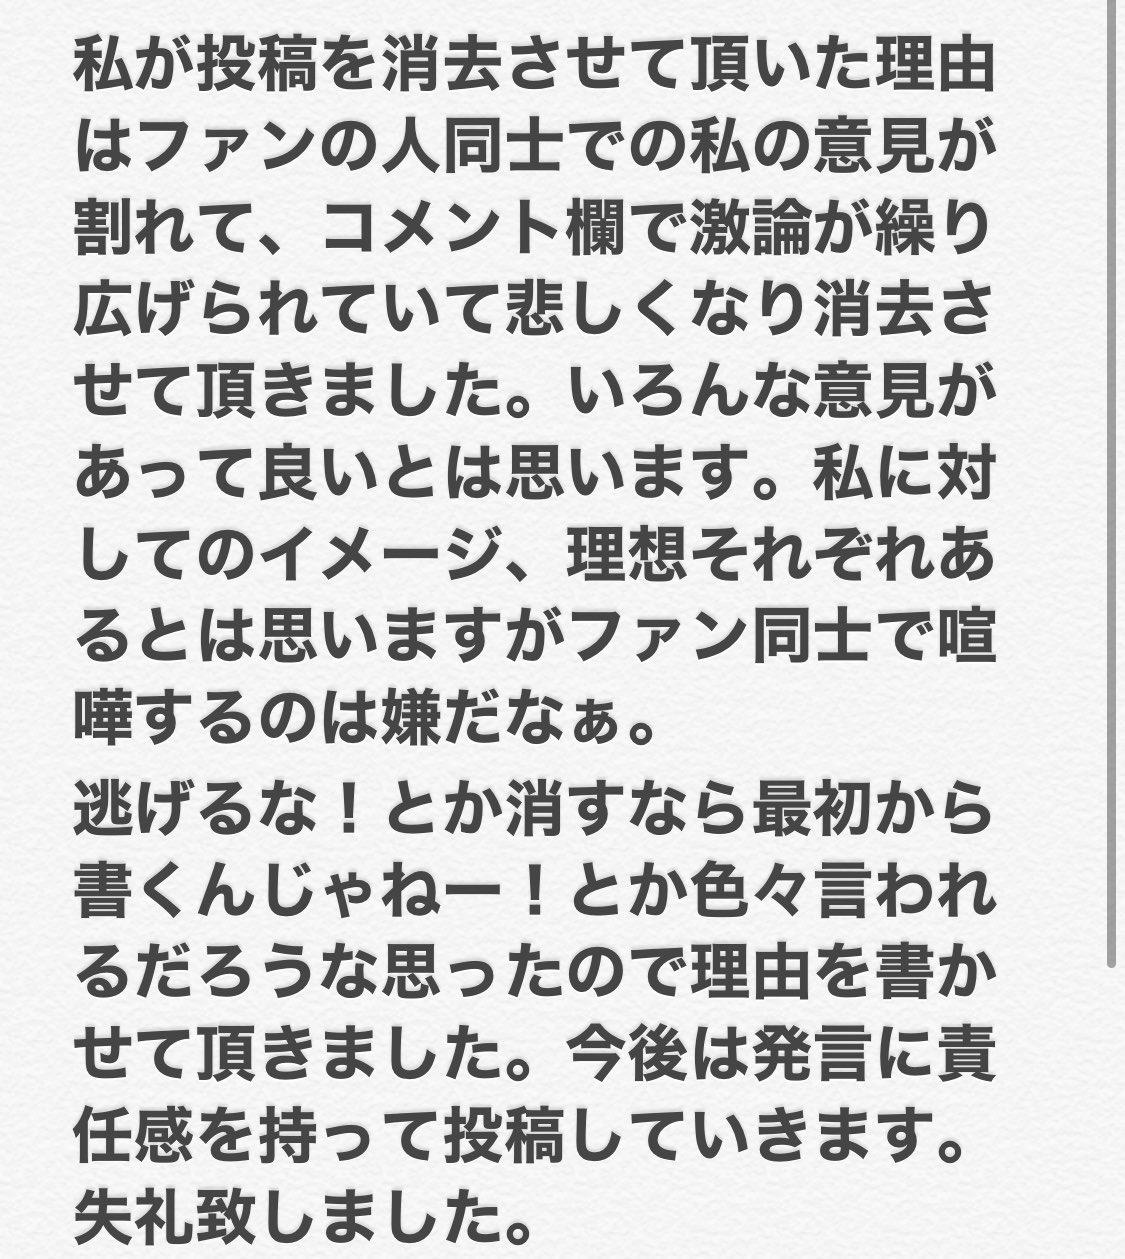 きゃりー パヨク